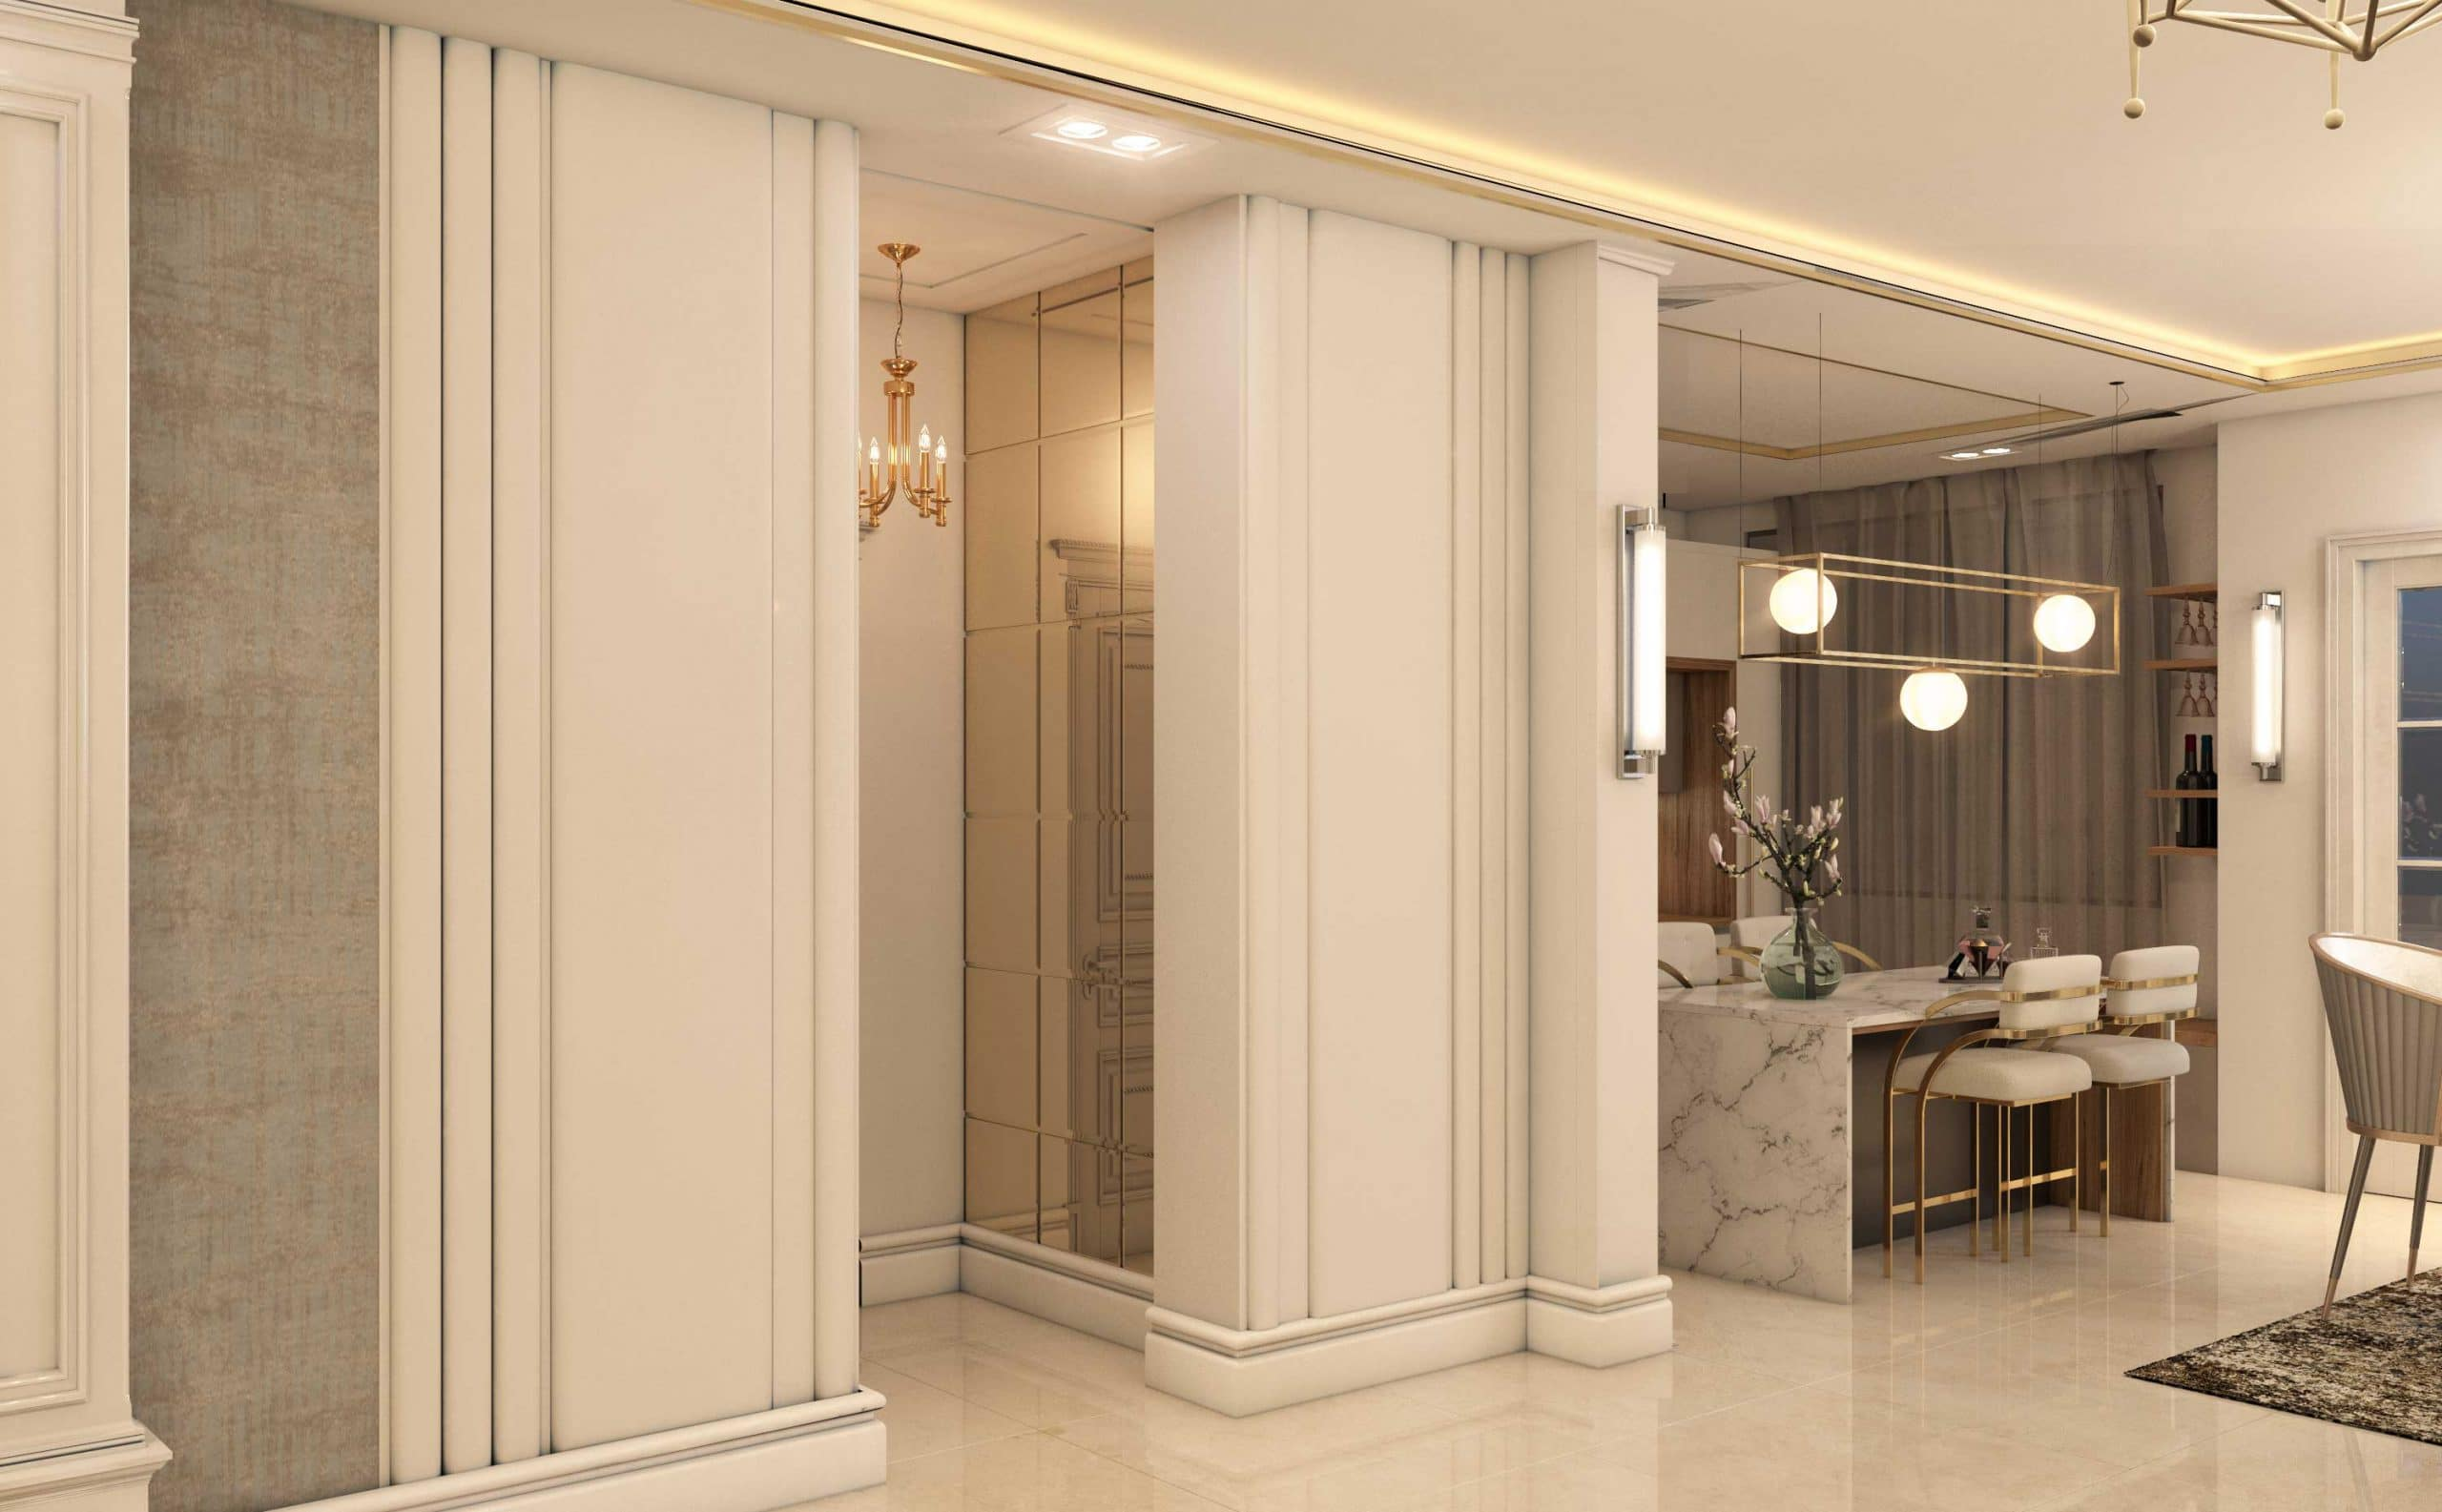 طراحی داخلی کلاسیک گروه معماری سعیدیان